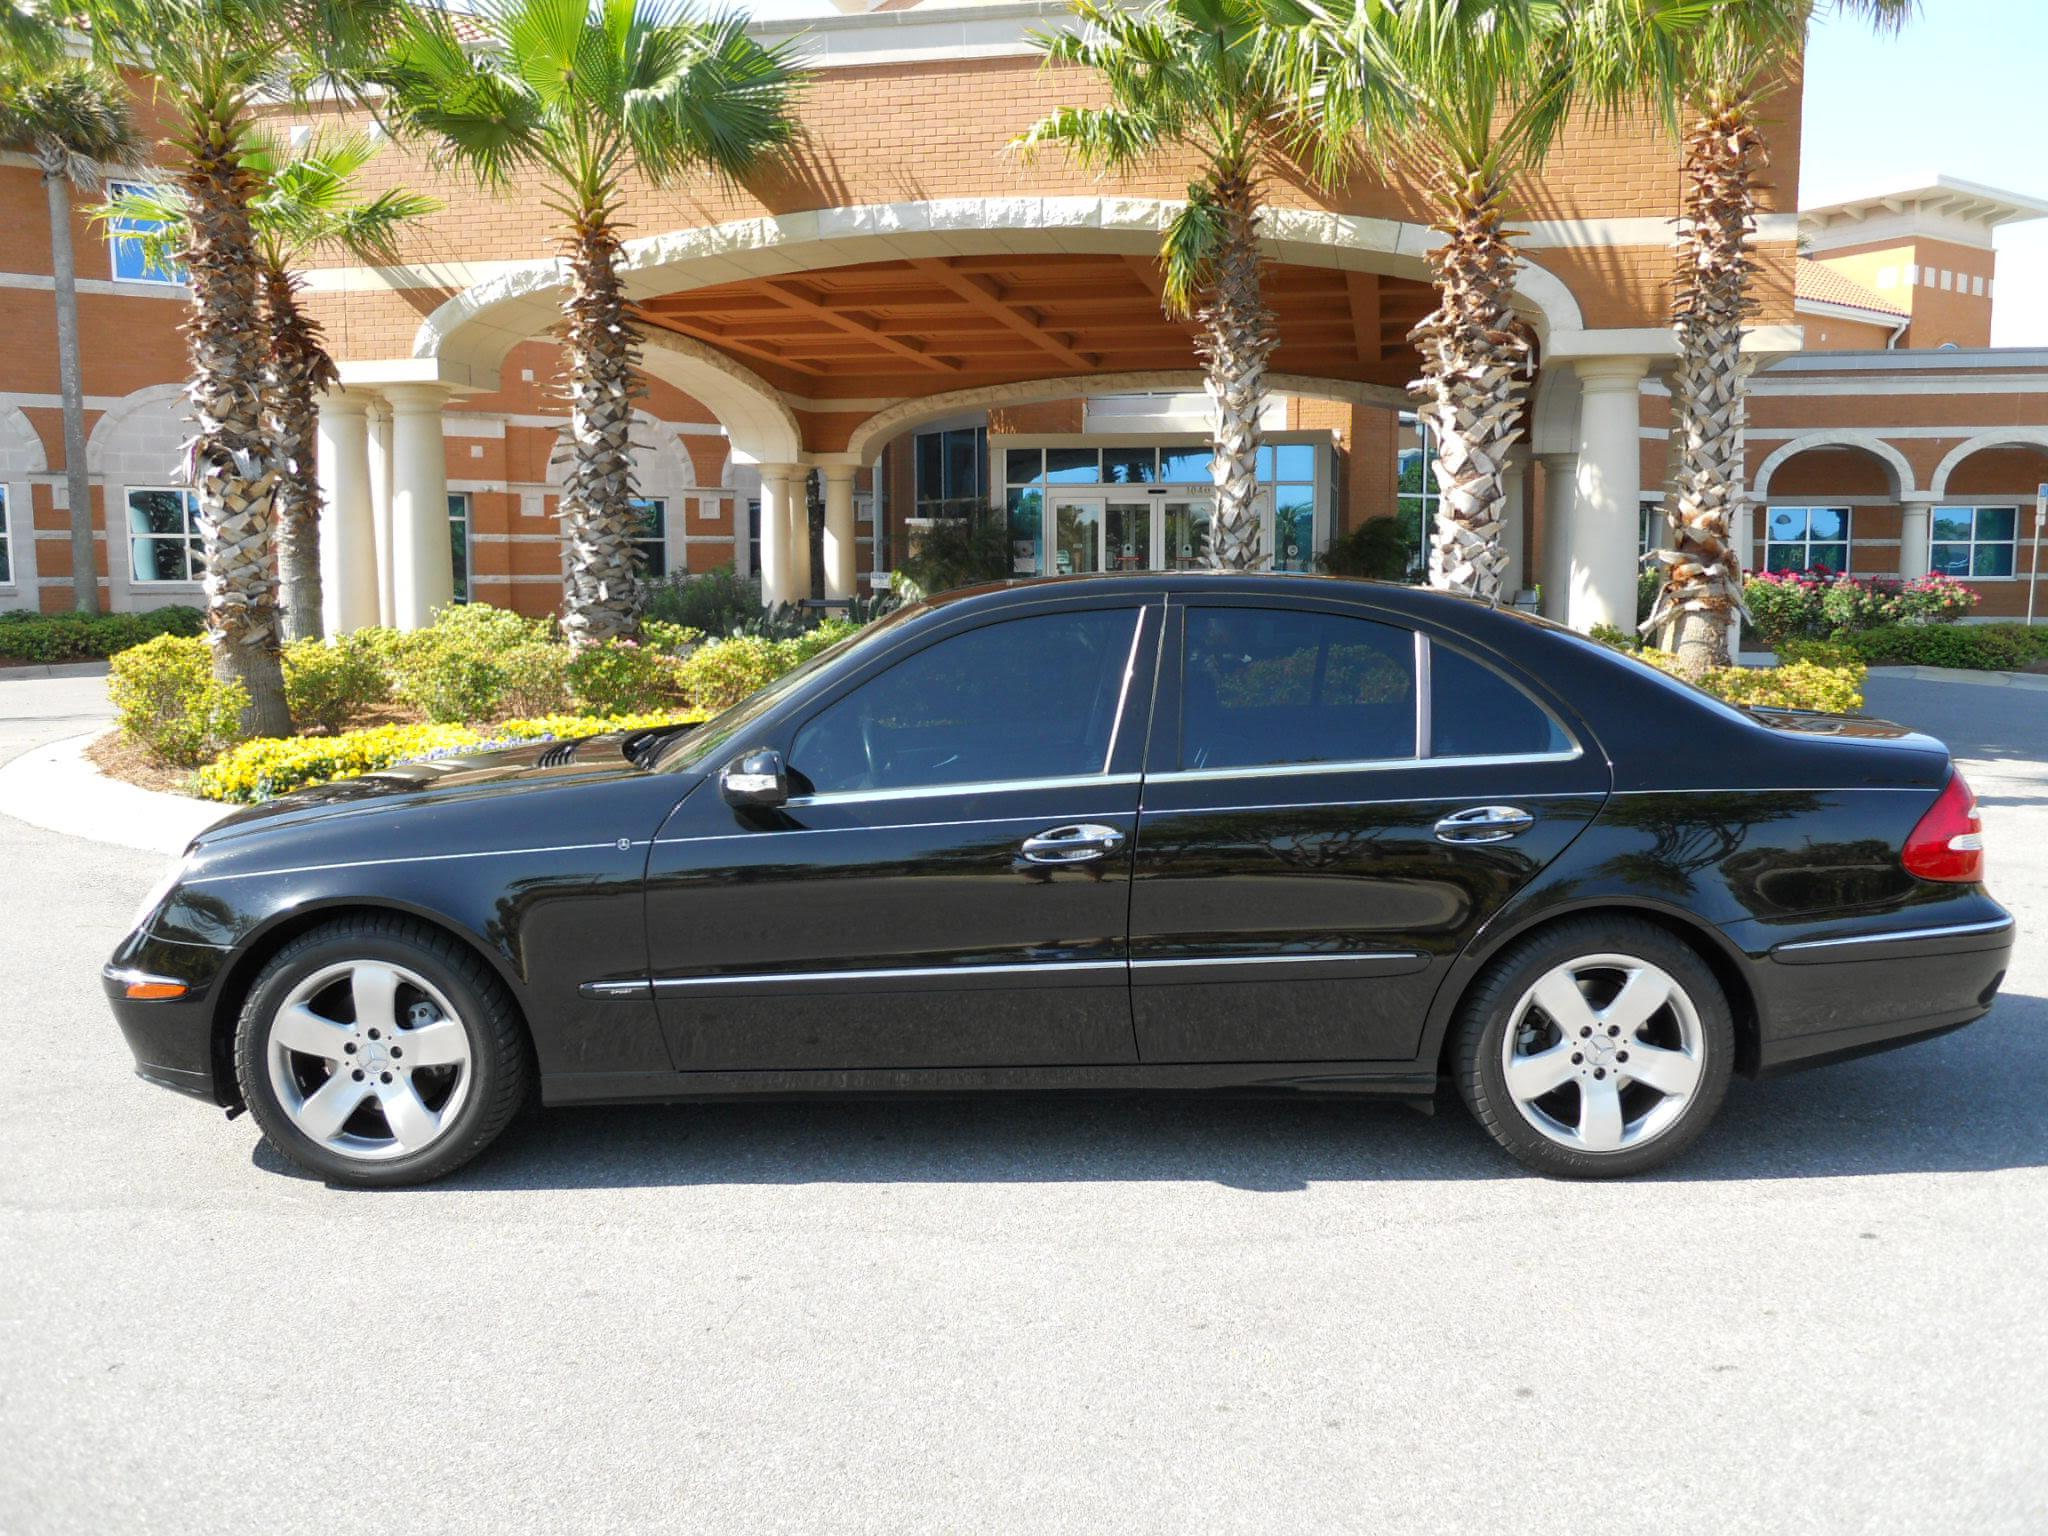 2003 E500 Mercedes Benz, blk/blk, very nice ride - The ...